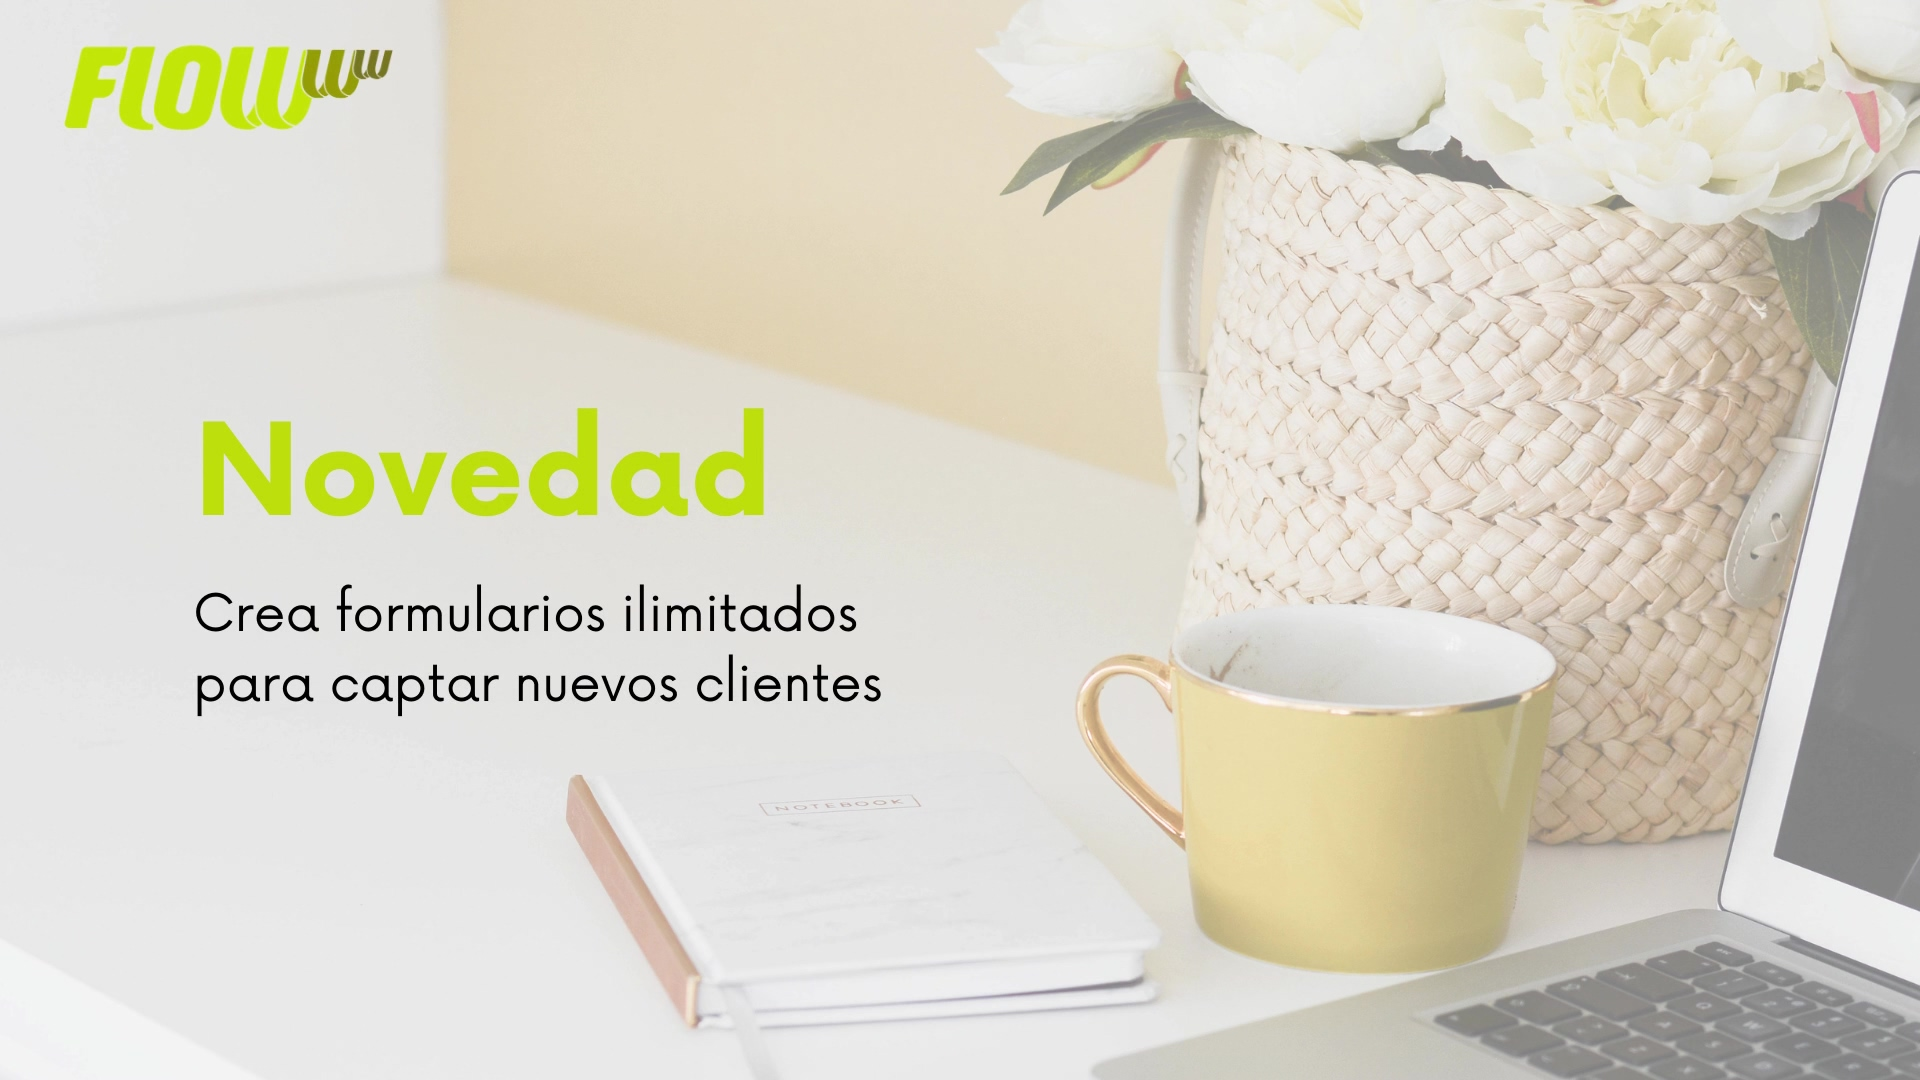 Novedades FLOWww_Crea formularios ilimitados para captar nuevos clientes